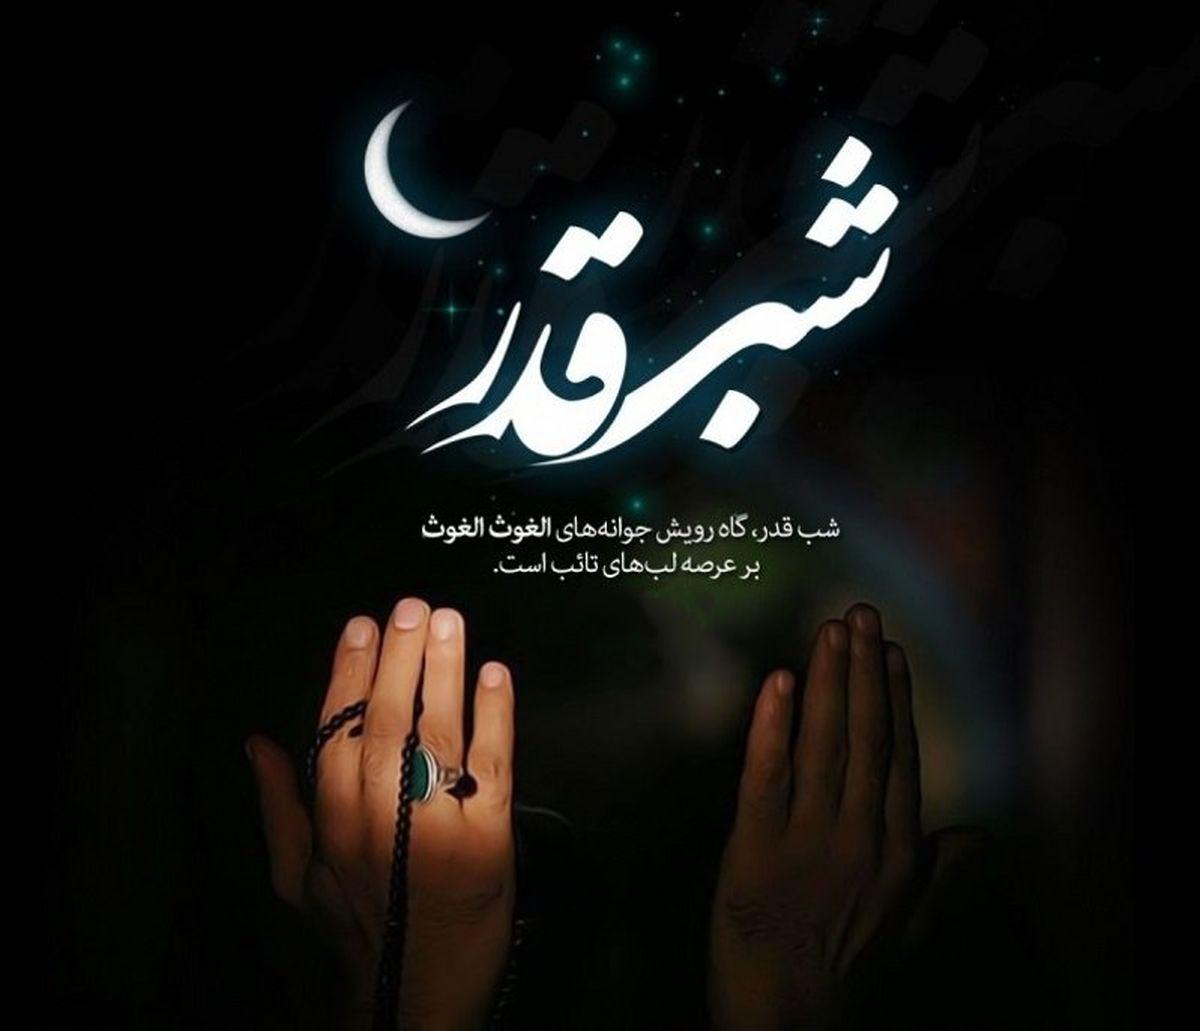 شب قدر | پیامک های ویژه شب قدر + اشعار